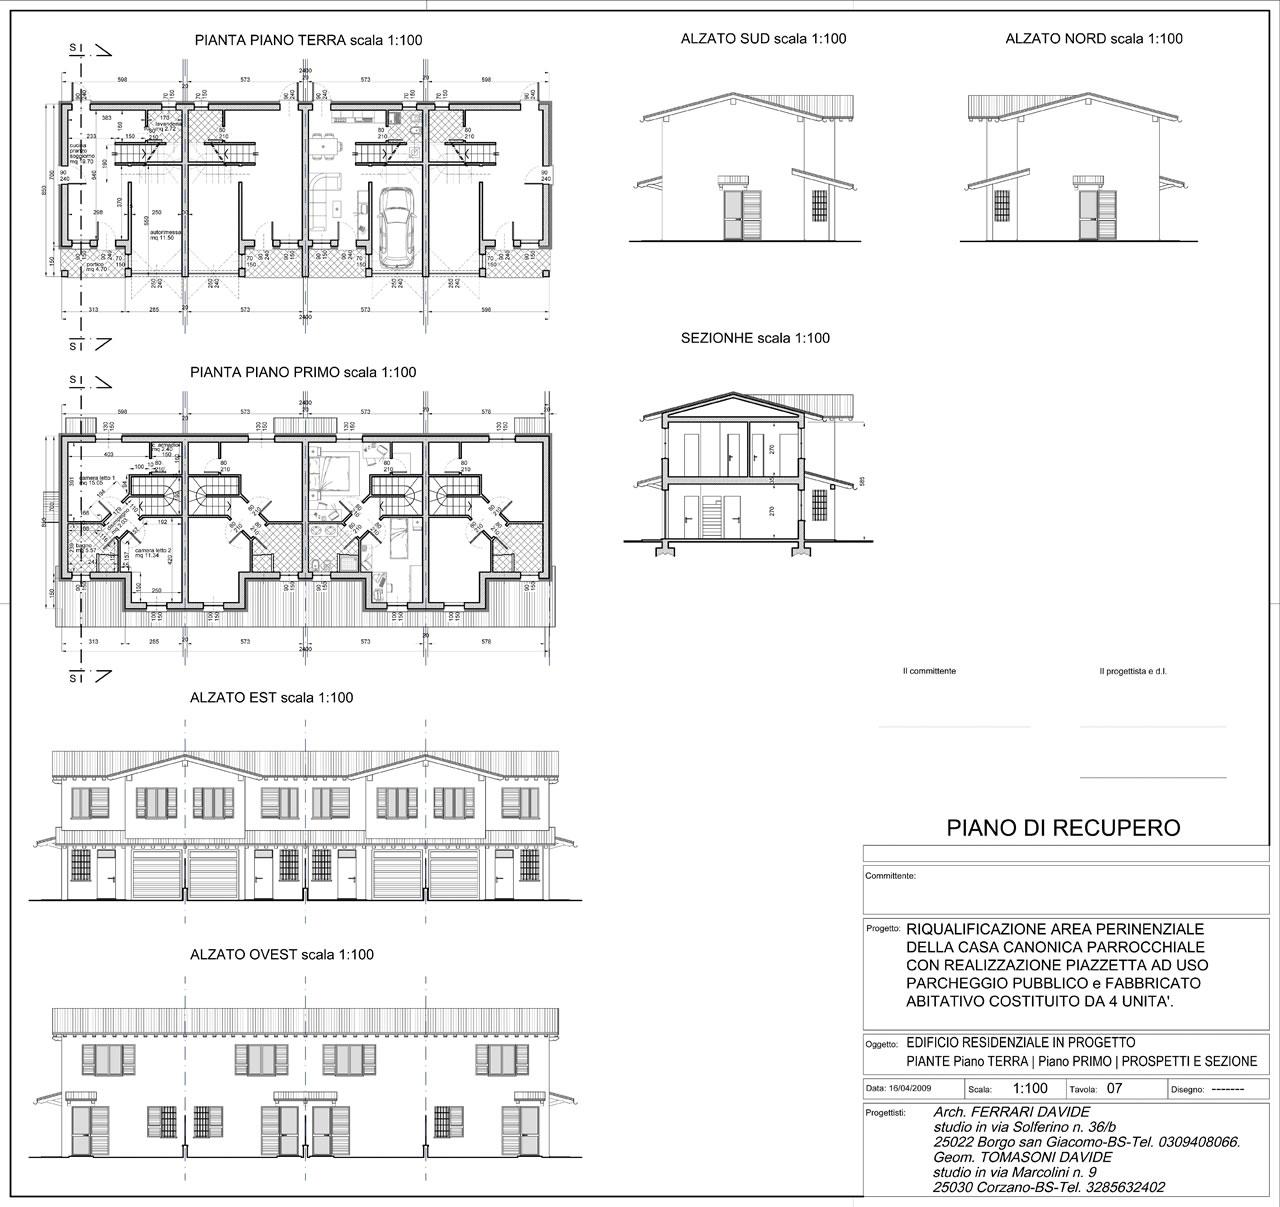 PIANO DI RECUPERO in itinere 16-11-2018 - edificio residenziale di progetto. piante e alzati